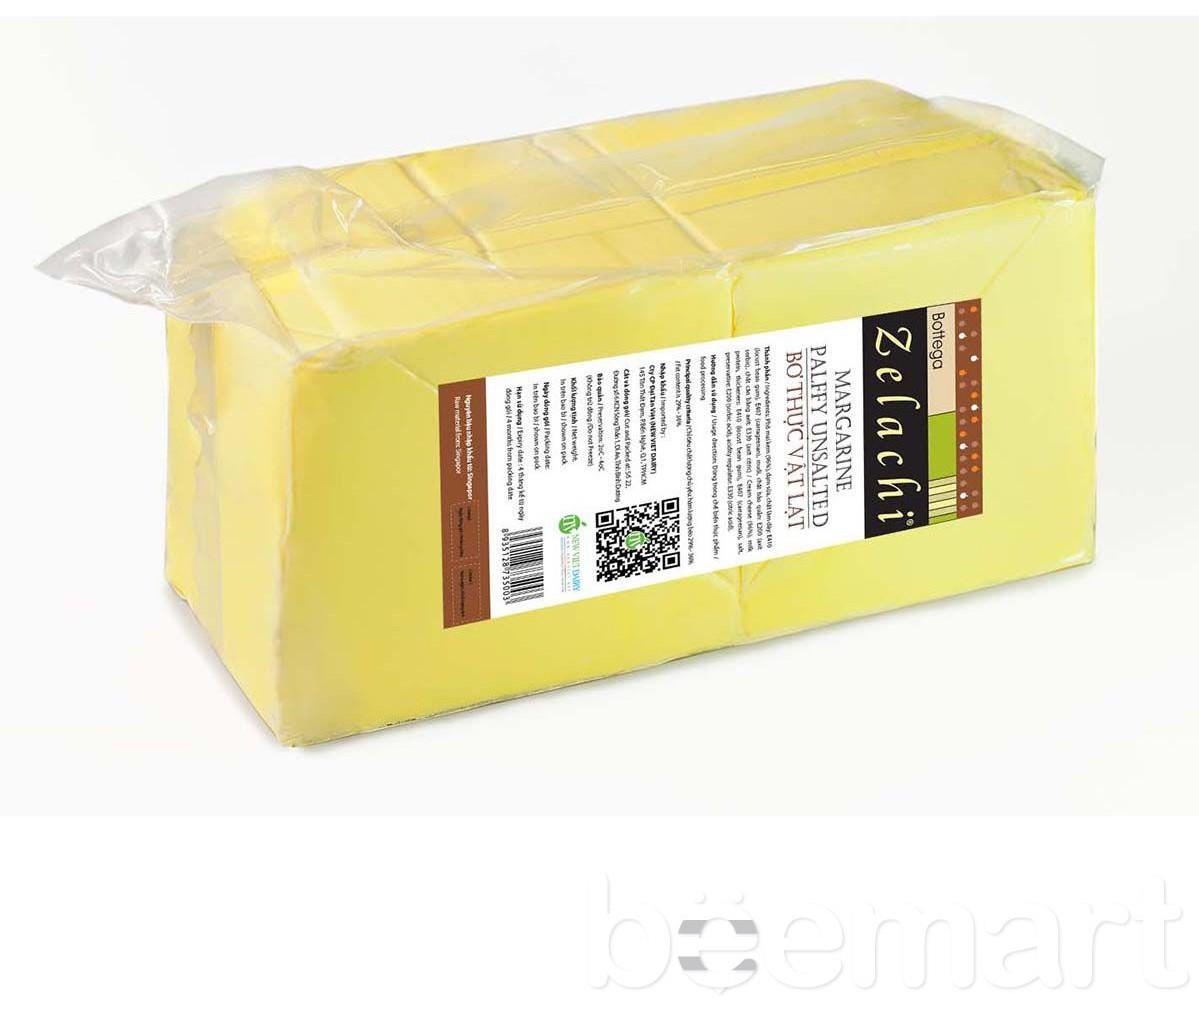 cách chọn bơ 51 cách chọn bơ Cách chọn bơ ngon và chất lượng khi làm bánh cach chon bo 51 1